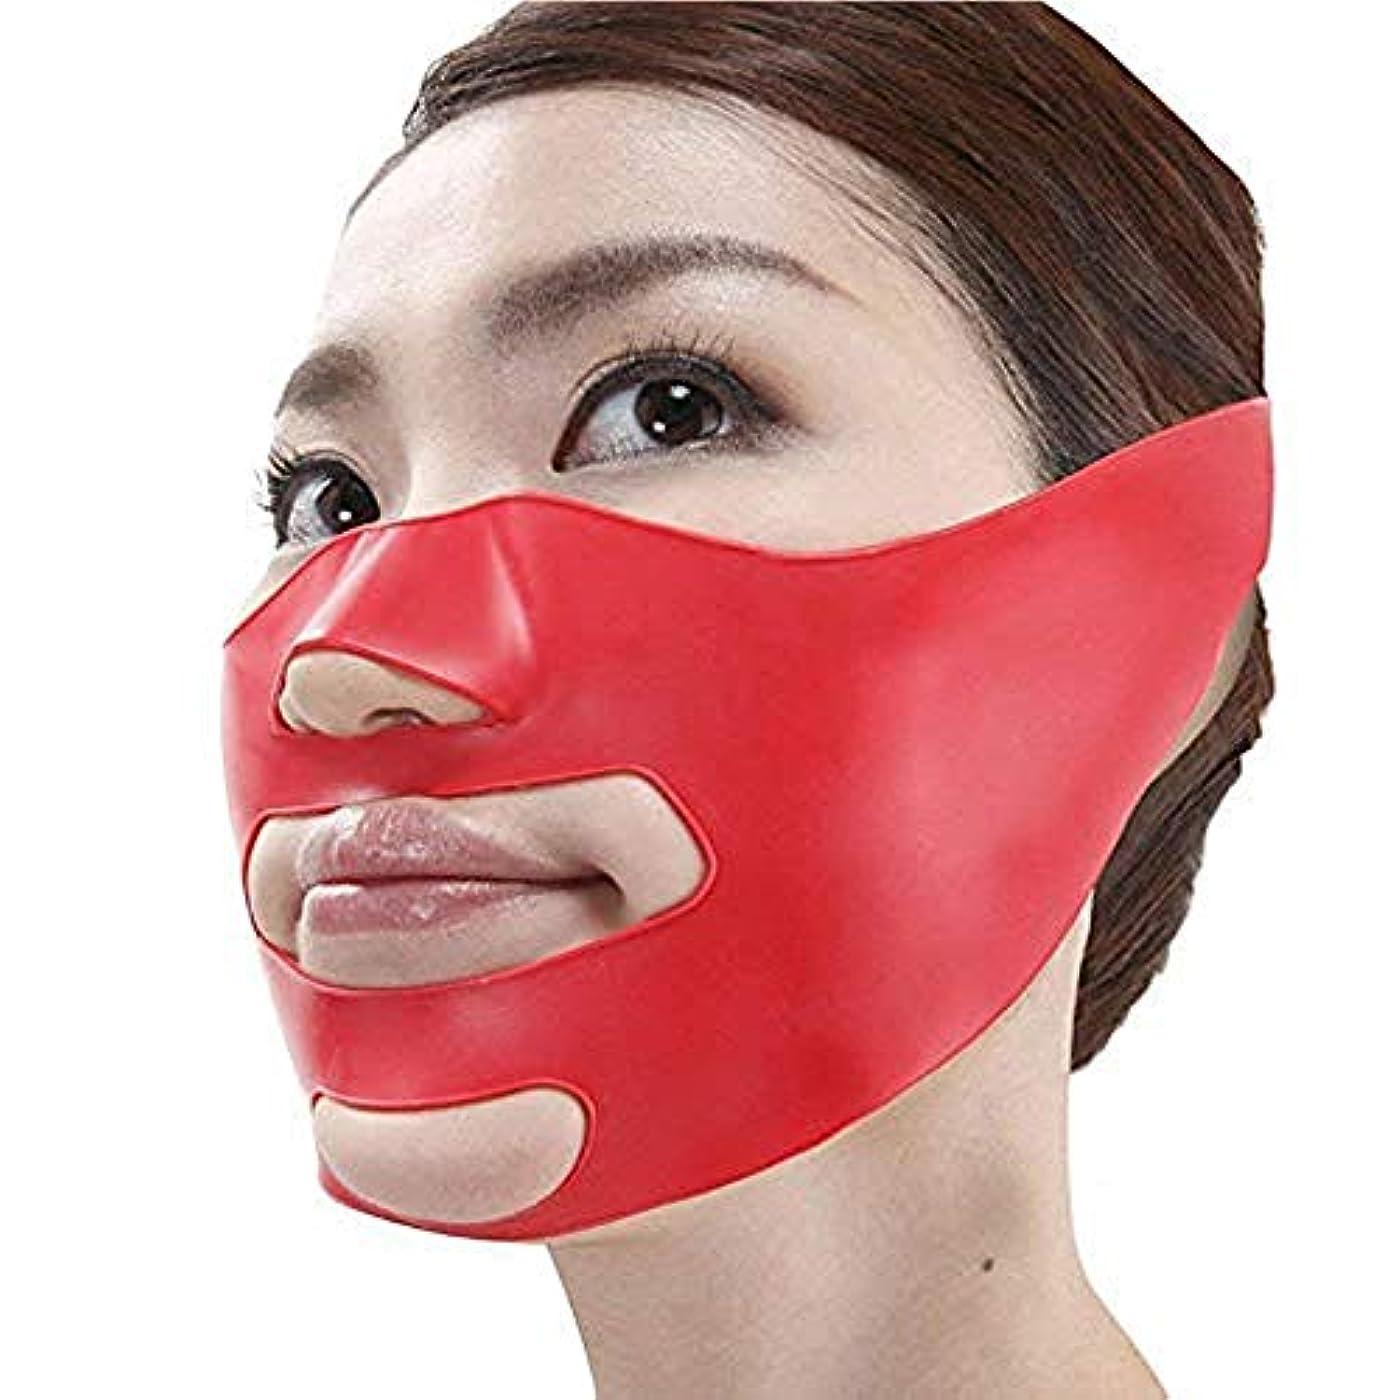 バックグラウンド告発者絶望Lindexs 小顔矯正 マスク 小顔補正ベルト ほうれい線 3Dエクササイズマスク リフトスリムマスク 抗シワ サウナマスク 法令線予防 美容グッ (フリーサイズ)